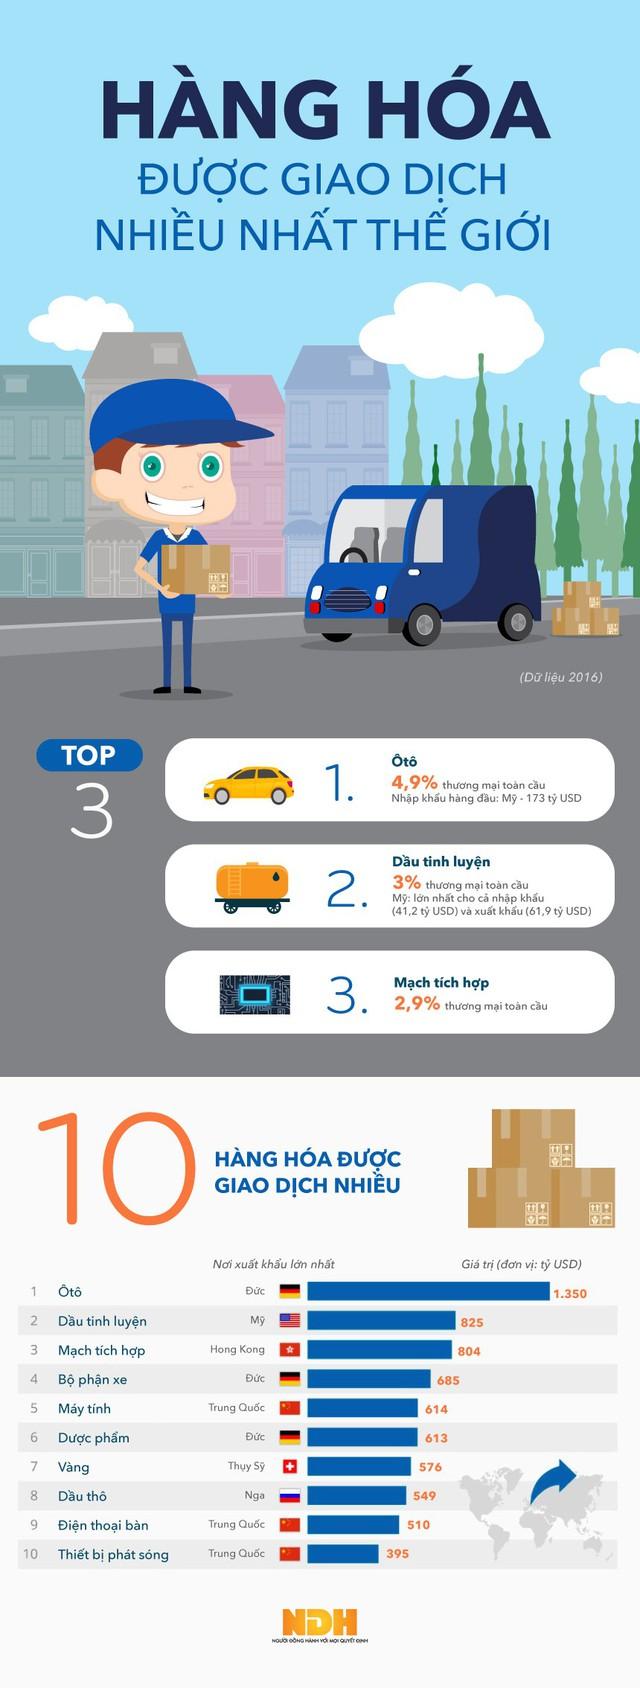 [Infographic] 10 hàng hóa được giao dịch nhiều nhất thế giới  - Ảnh 1.